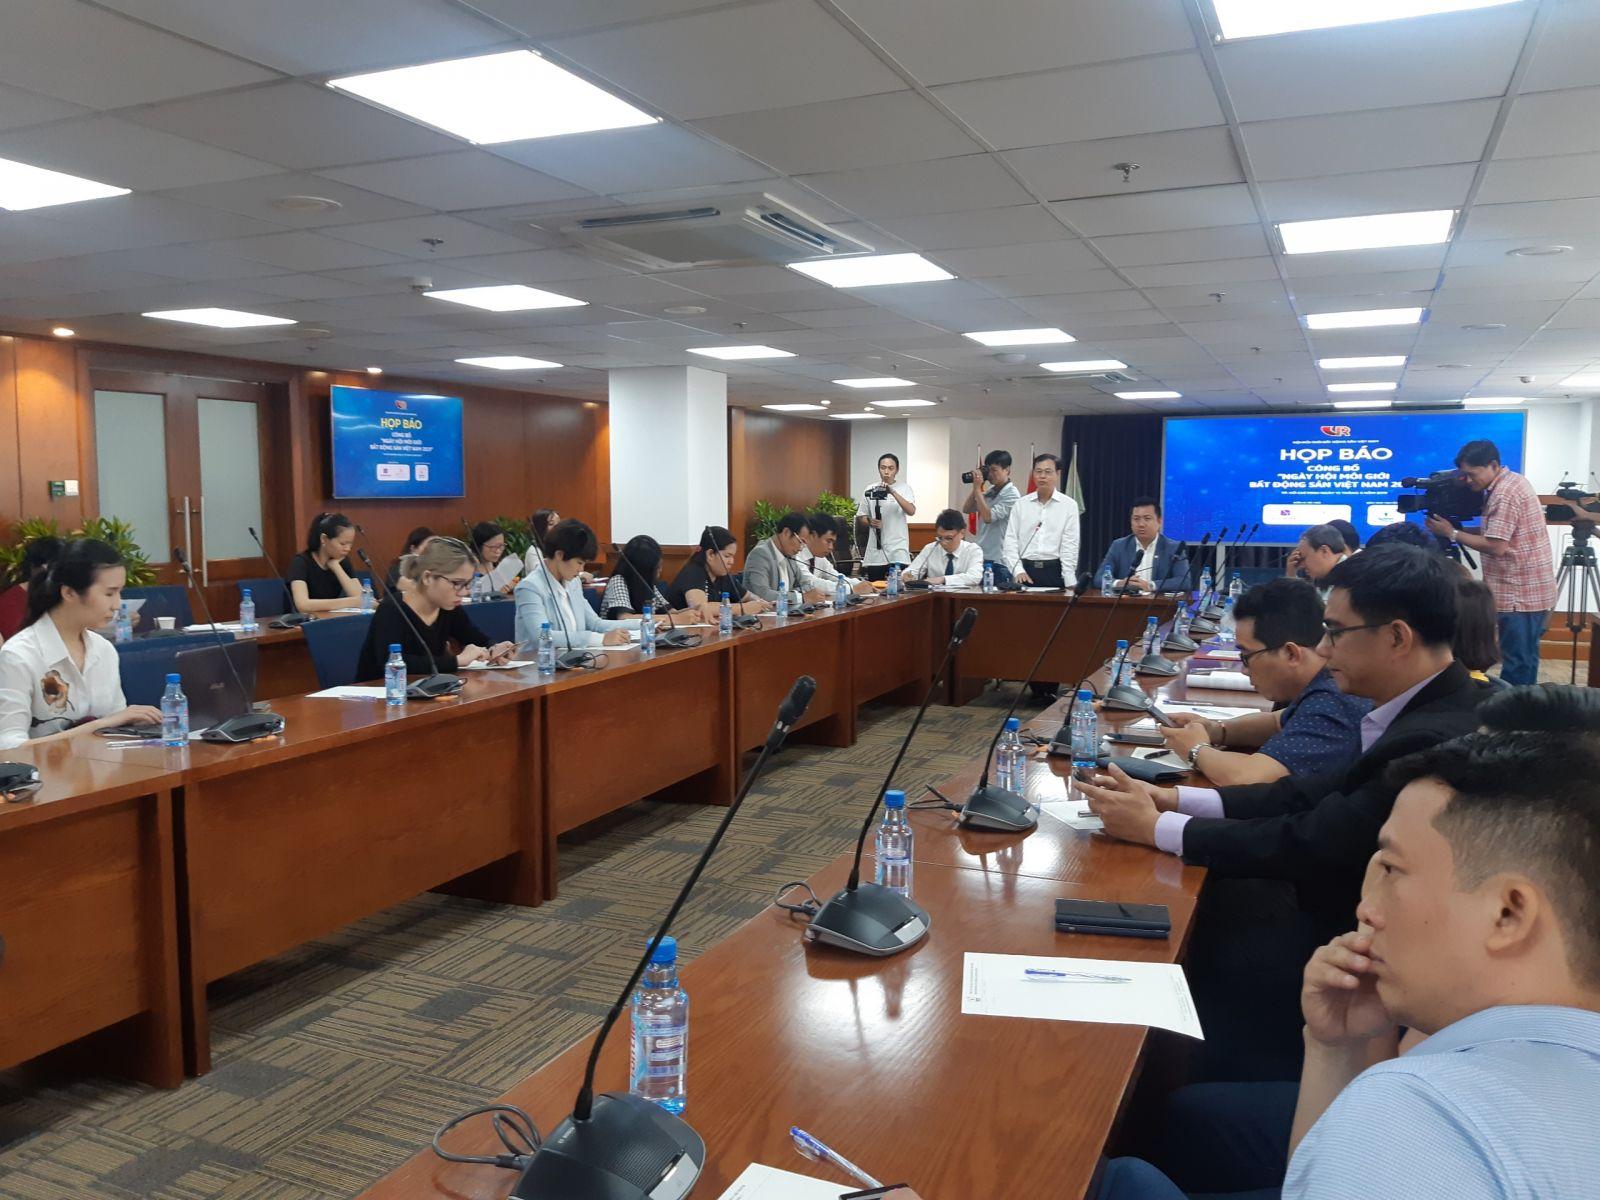 Ngày hội Môi giới BĐS Việt Nam 2019 được diễn ra từ ngày 21- 29/6/2019.